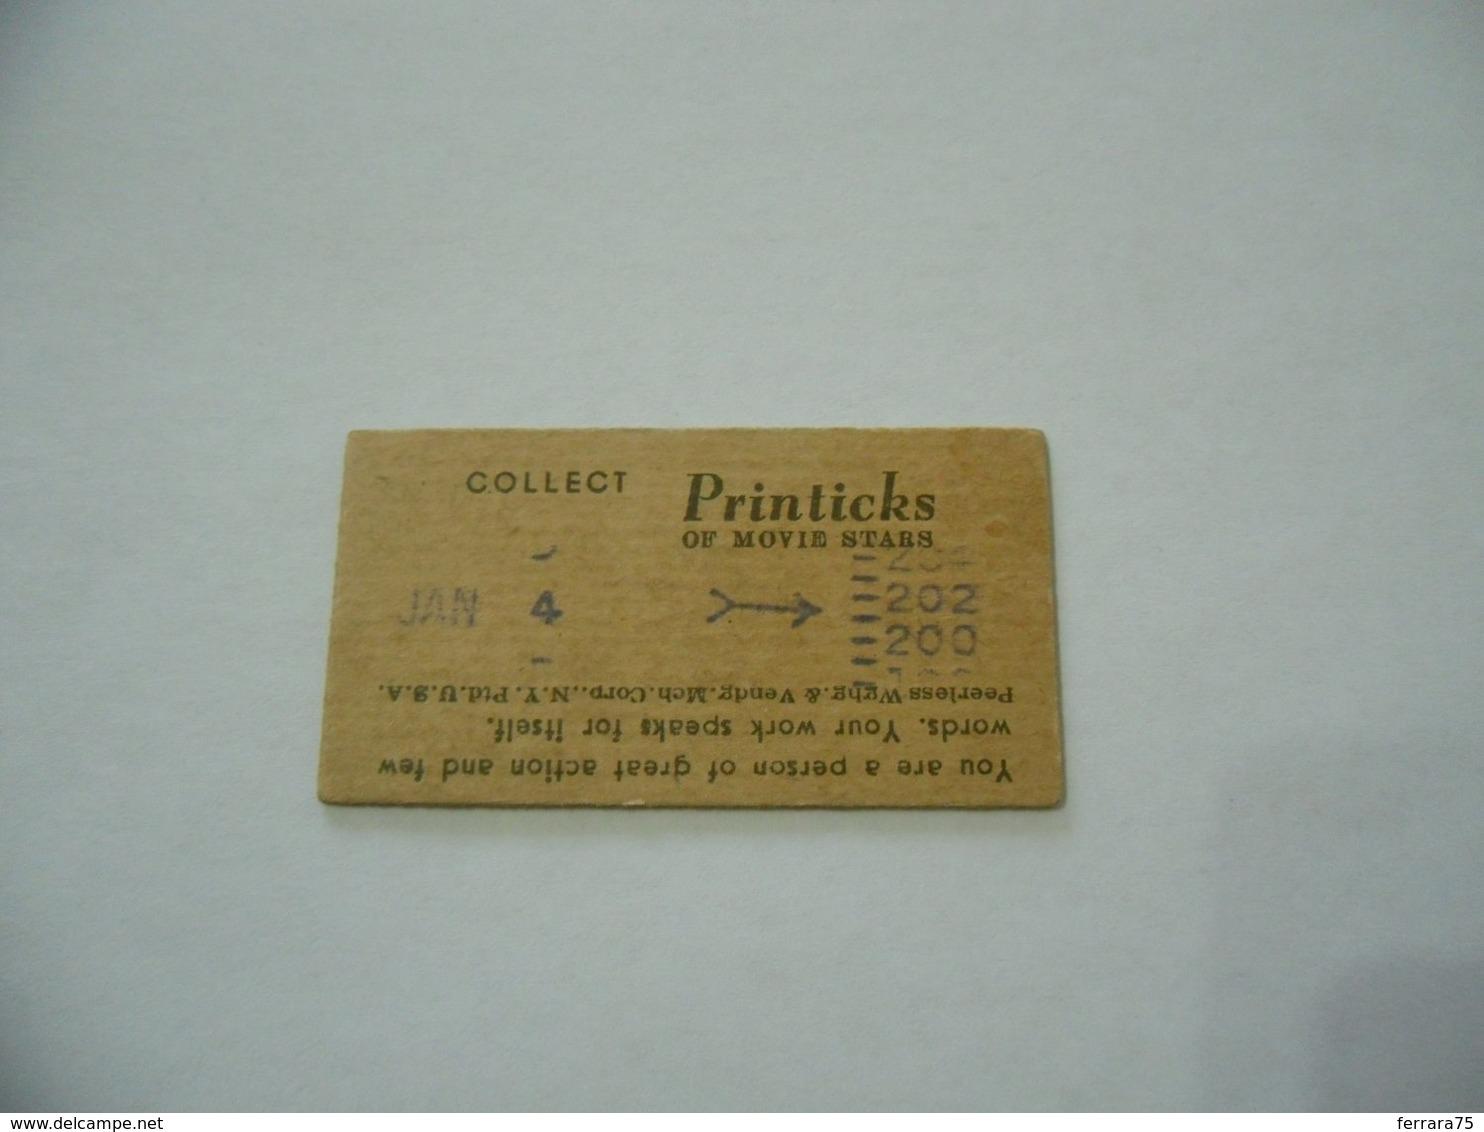 BIGLIETTO TRAM CINEMA PRINTICK OF MOVIE STAR MARY LEE REAL PHOTO CARD 1940 - Altre Collezioni